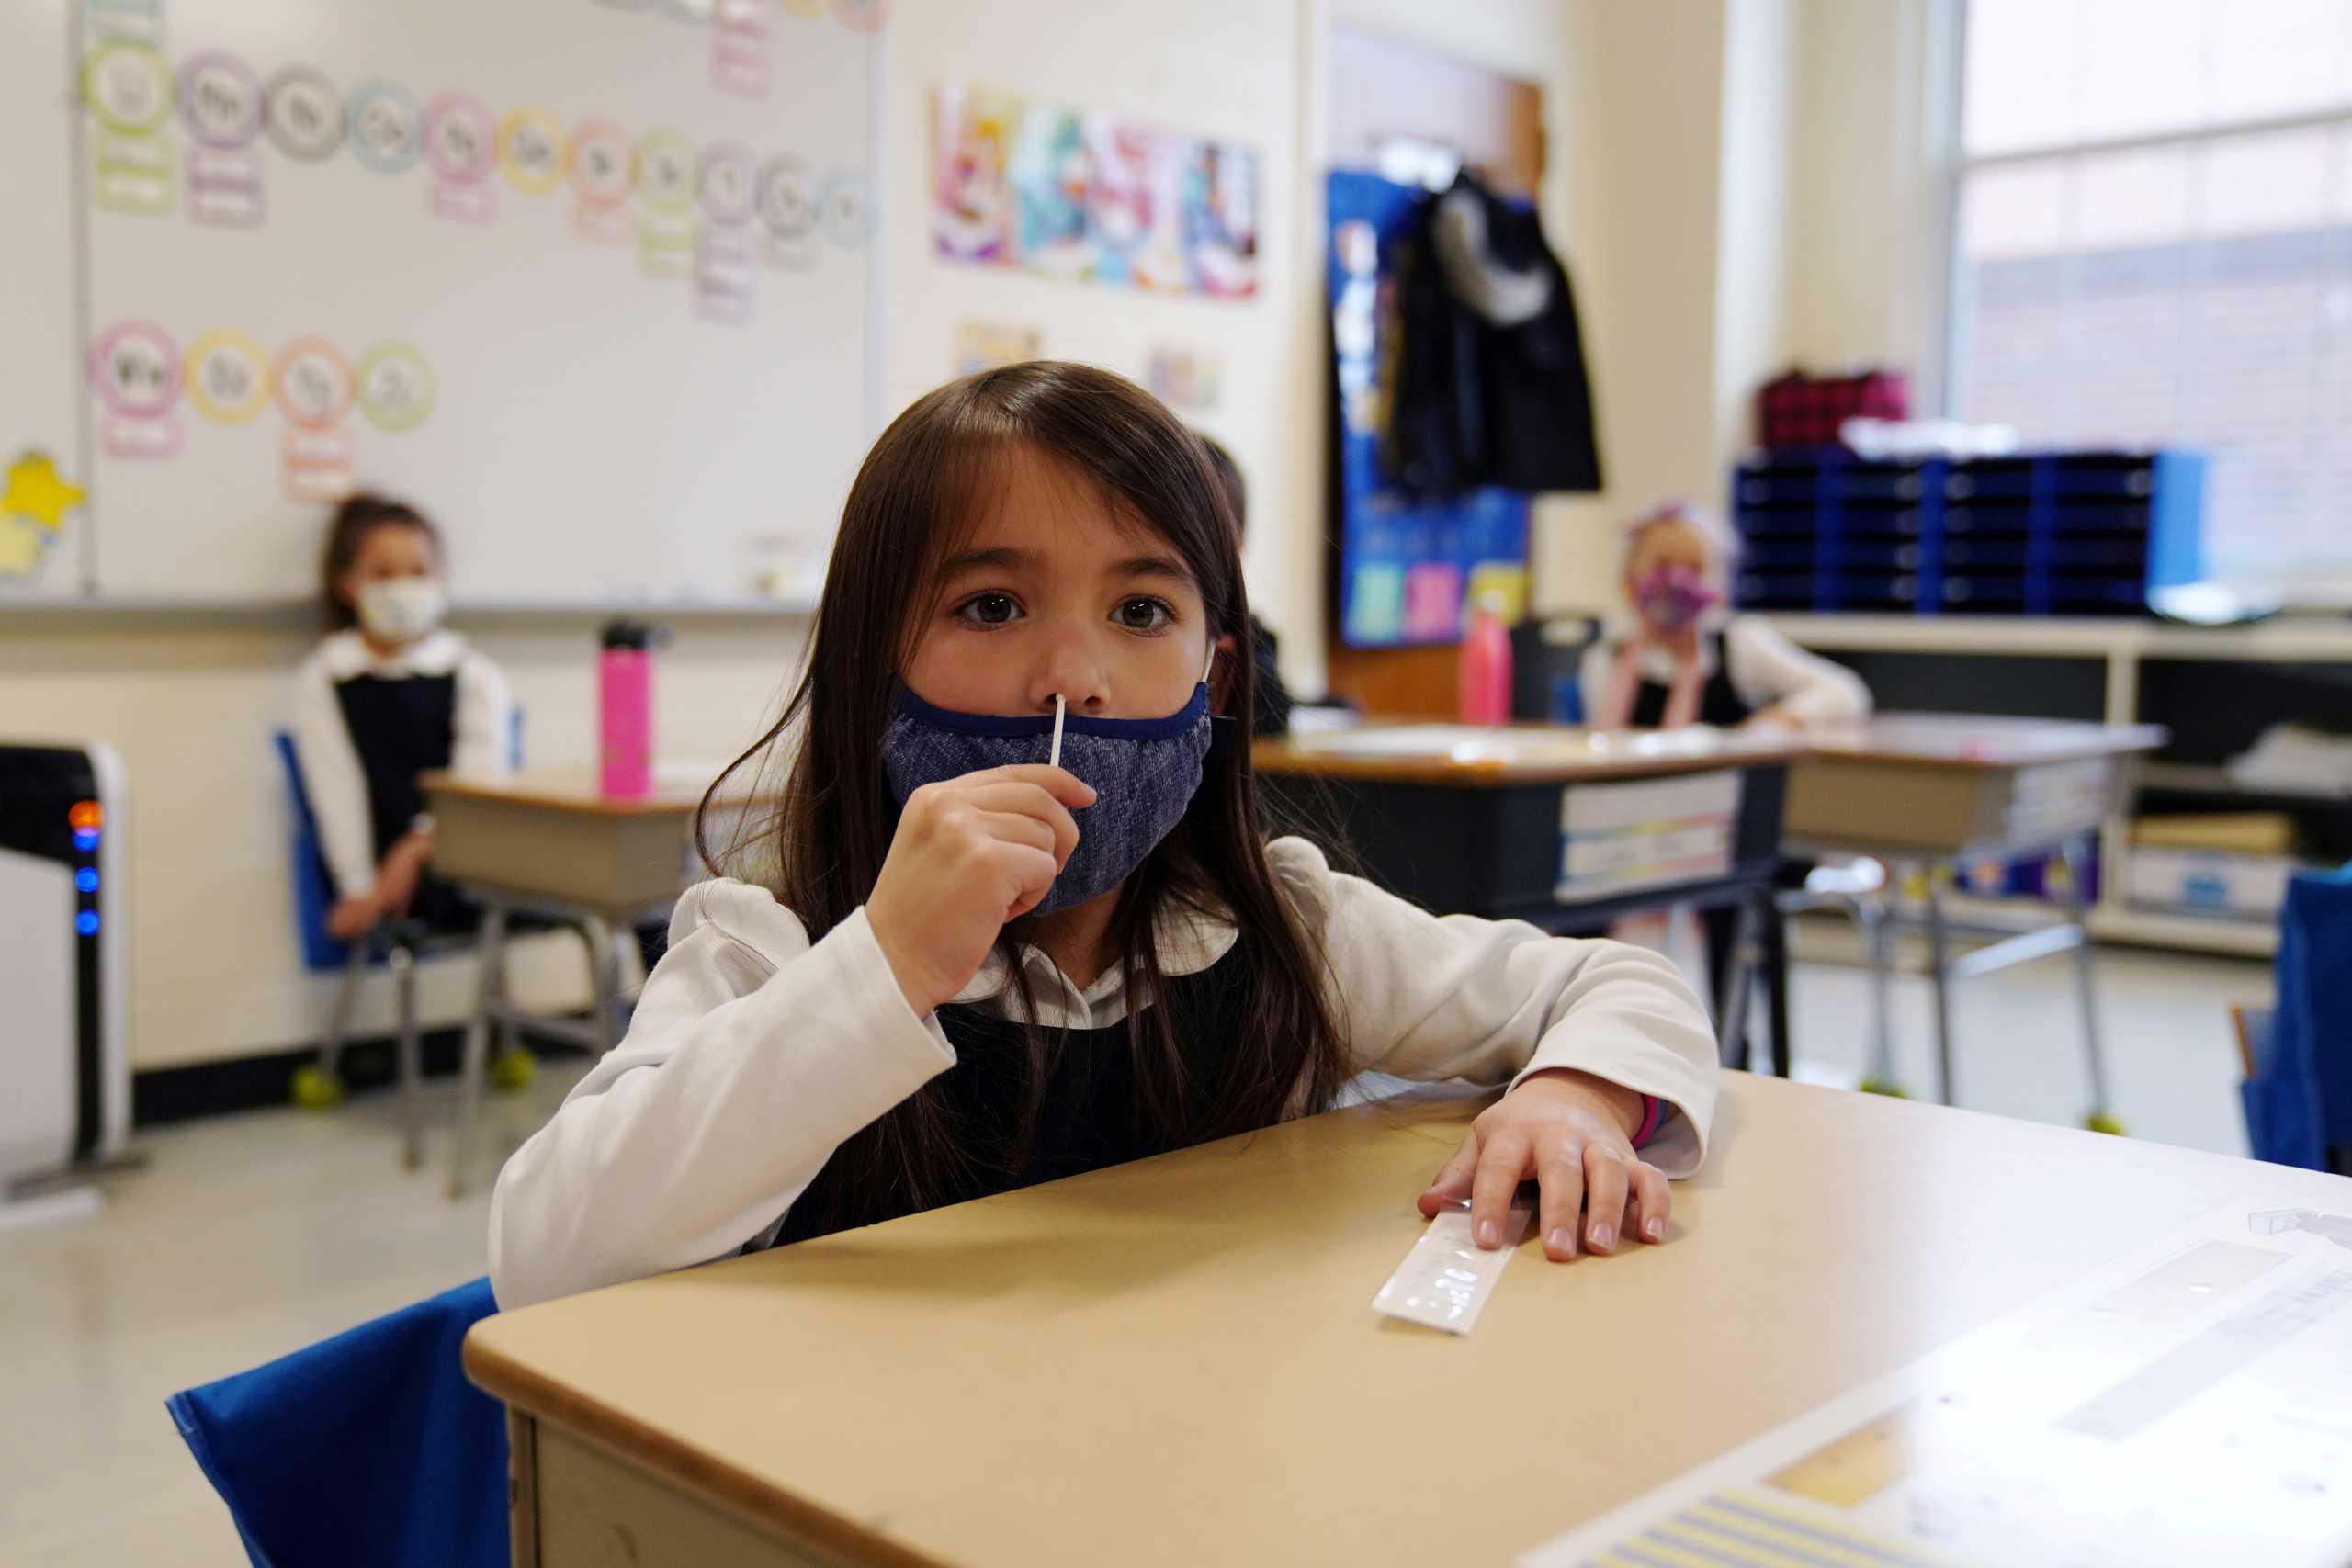 Κορονοϊός – ΗΠΑ: «Έκρηξη» κρουσμάτων στα παιδιά με το άνοιγμα των σχολείων